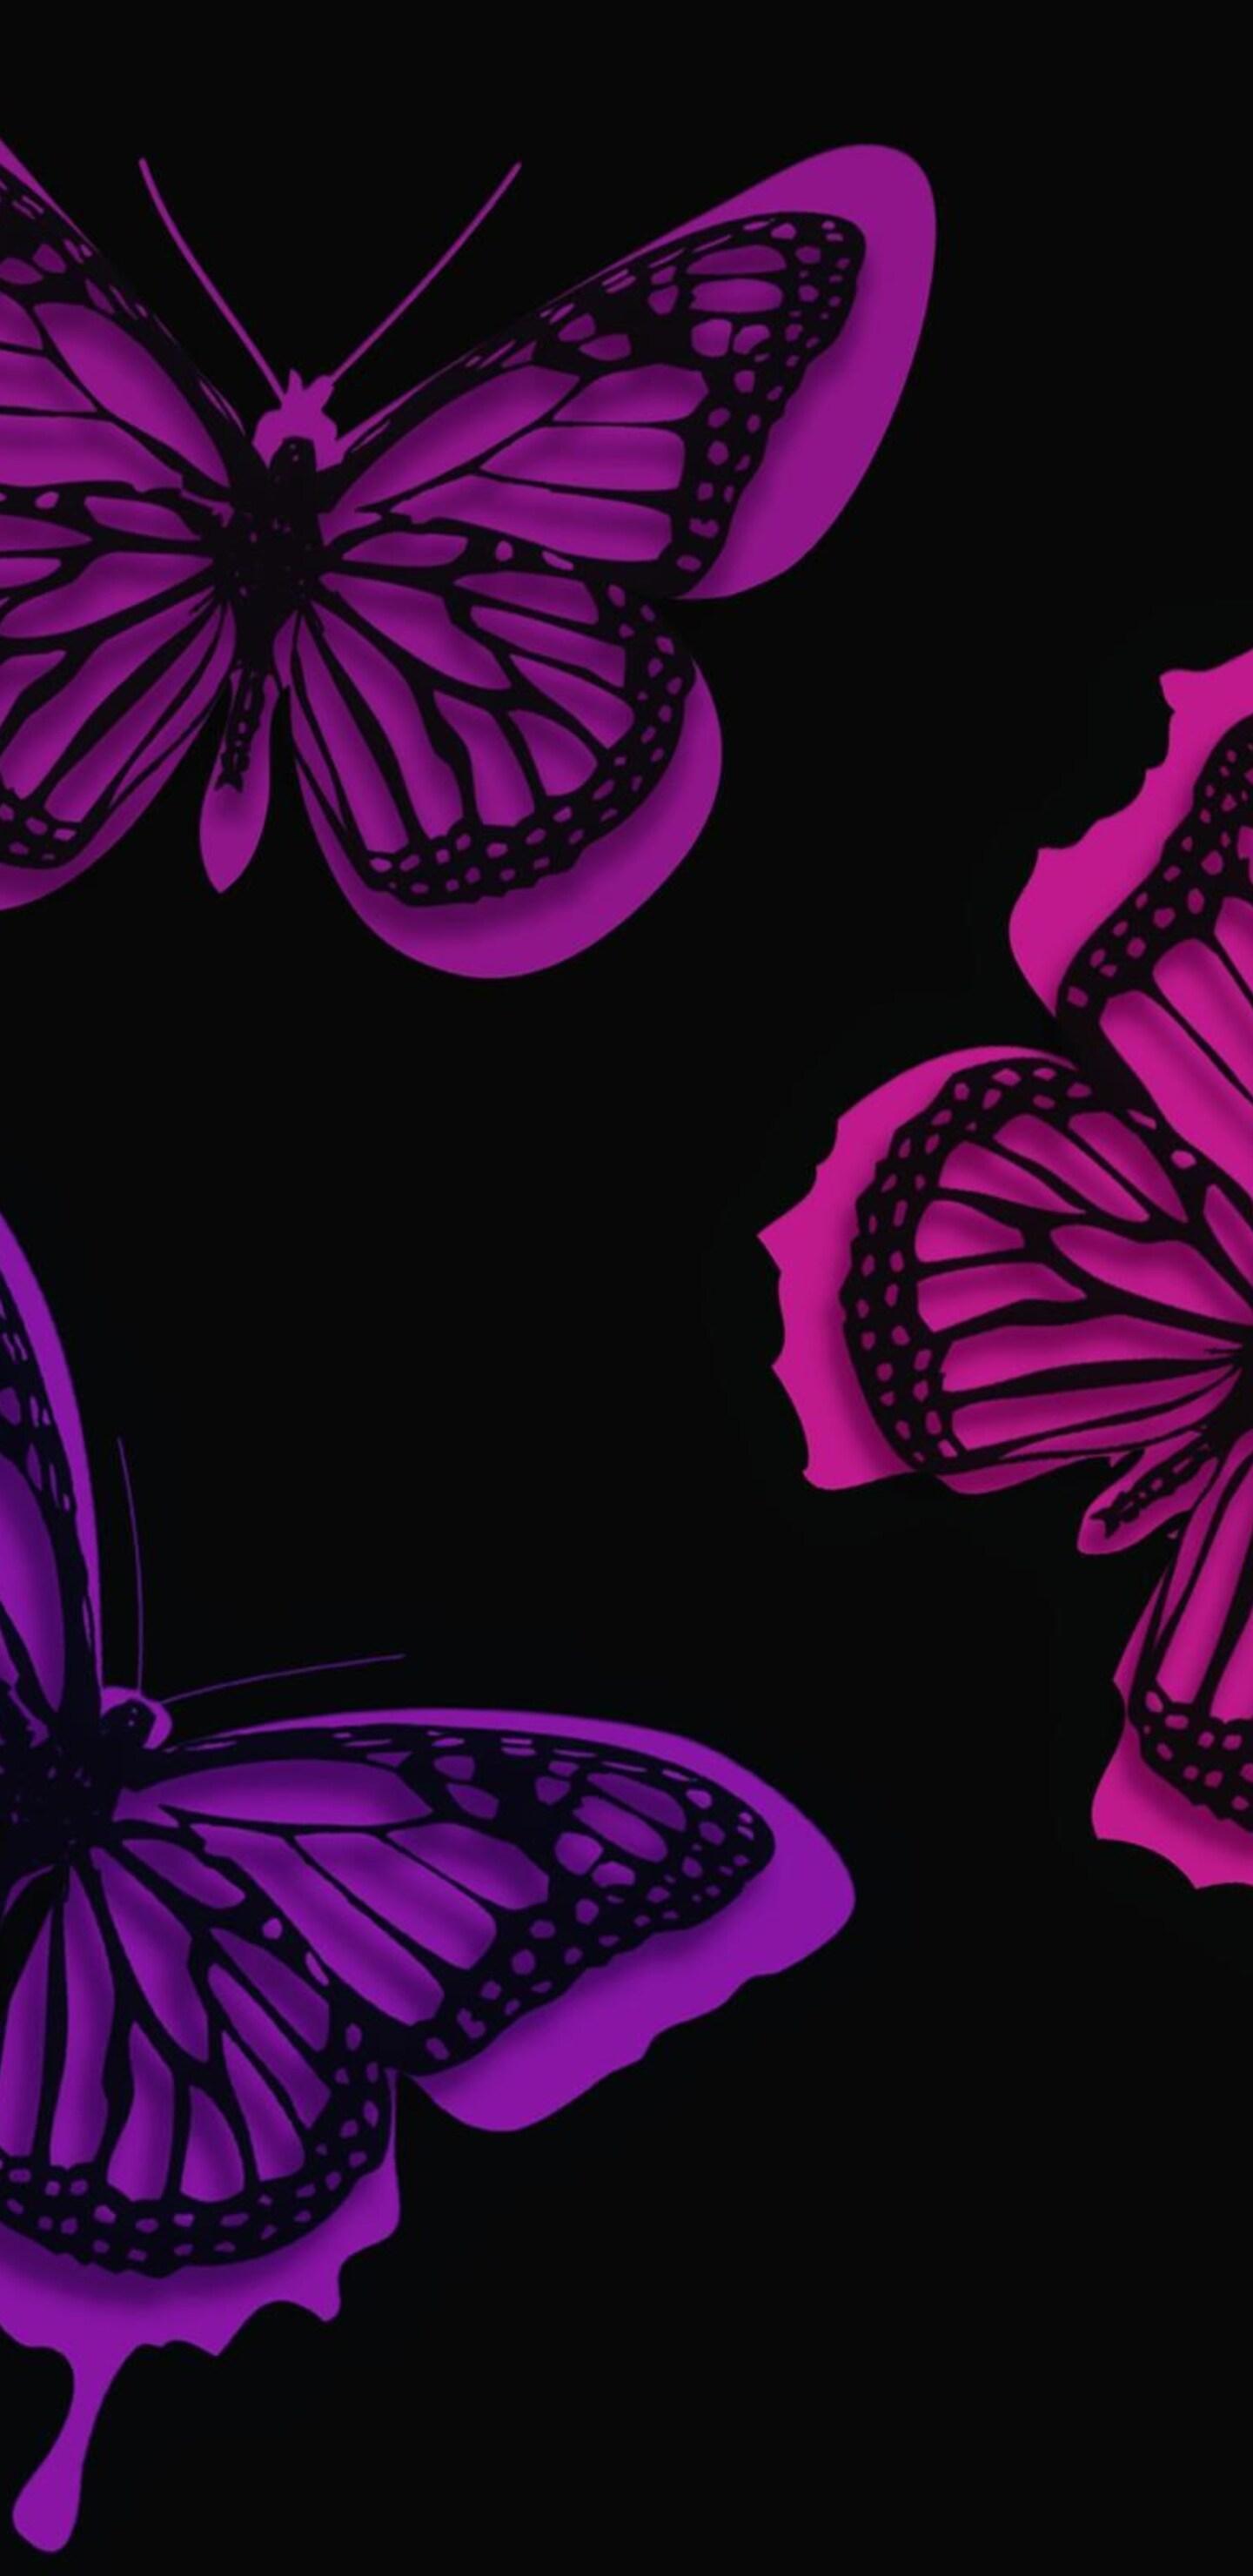 1440x2960 Pink Butterflies Artistic Samsung Galaxy Note 9 8 S9 S8